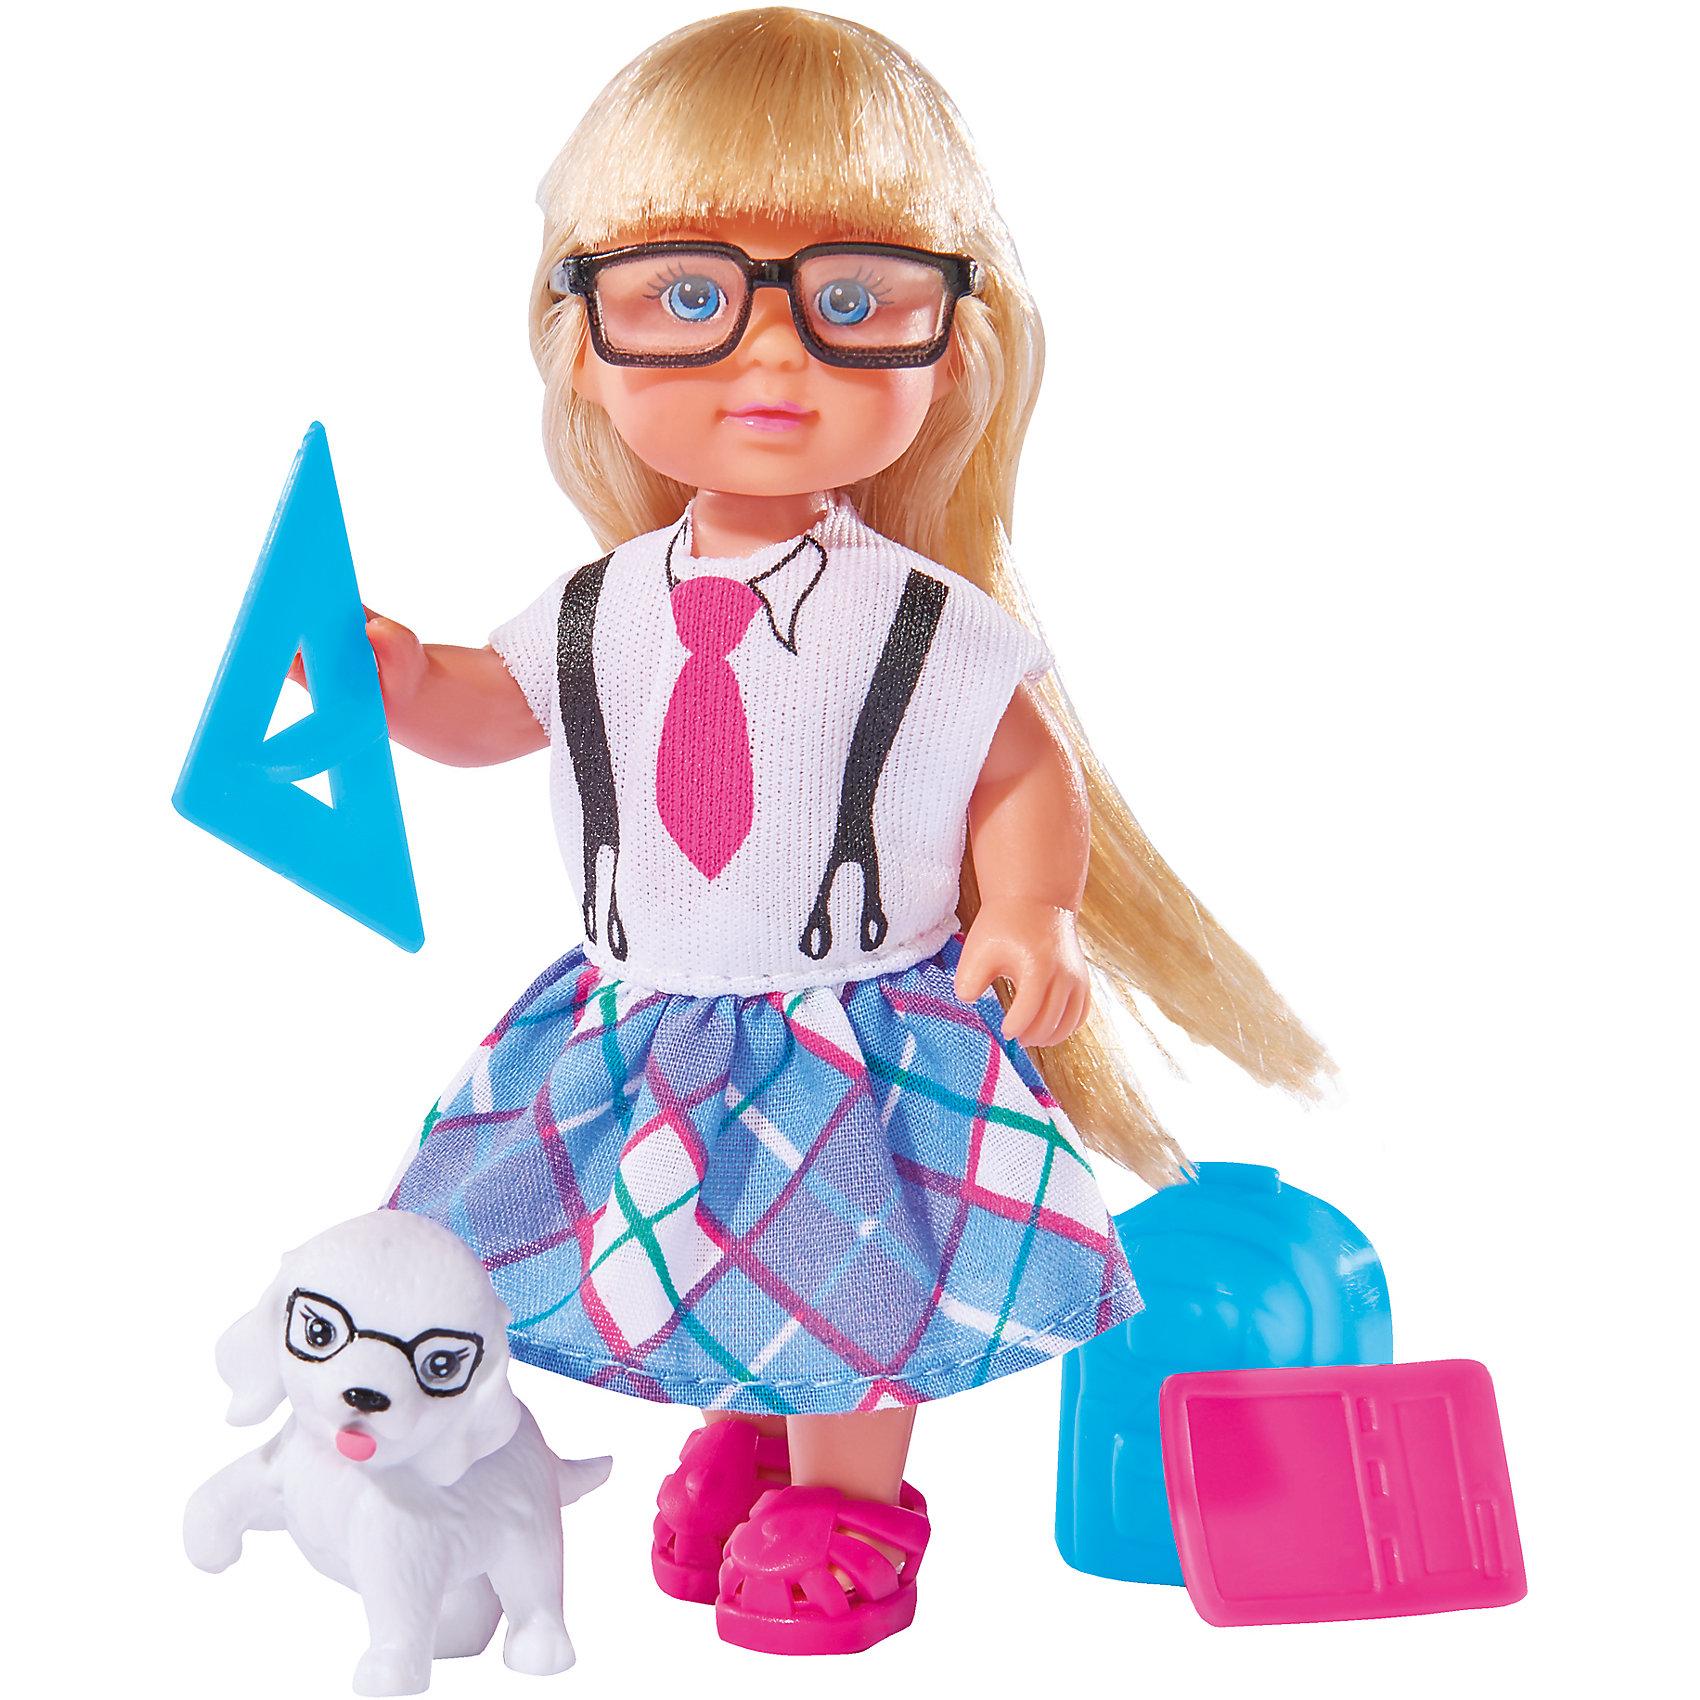 Кукла Еви и школьные принадлежности, SimbaМини-куклы<br>Характеристики товара:<br><br>- цвет: разноцветный;<br>- материал: пластик;<br>- возраст: от трех лет;<br>- комплектация: кукла, одежда, фигурка животного, аксессуары;<br>- высота куклы: 12 см.<br><br>Эта симпатичная кукла Еви от известного бренда приводит детей в восторг! Какая девочка сможет отказаться поиграть с куклами, которые дополнены набором в виде домашнего животного и полезных предметов?! В набор также входят аксессуары для игр с куклой. Игрушка очень качественно выполнена, поэтому она станет замечательным подарком ребенку. <br>Продается набор в красивой удобной упаковке. Изделие произведено из высококачественного материала, безопасного для детей.<br><br>Куклу Еви и школьные принадлежности от бренда Simba можно купить в нашем интернет-магазине.<br><br>Ширина мм: 45<br>Глубина мм: 160<br>Высота мм: 140<br>Вес г: 130<br>Возраст от месяцев: 36<br>Возраст до месяцев: 120<br>Пол: Женский<br>Возраст: Детский<br>SKU: 5119526